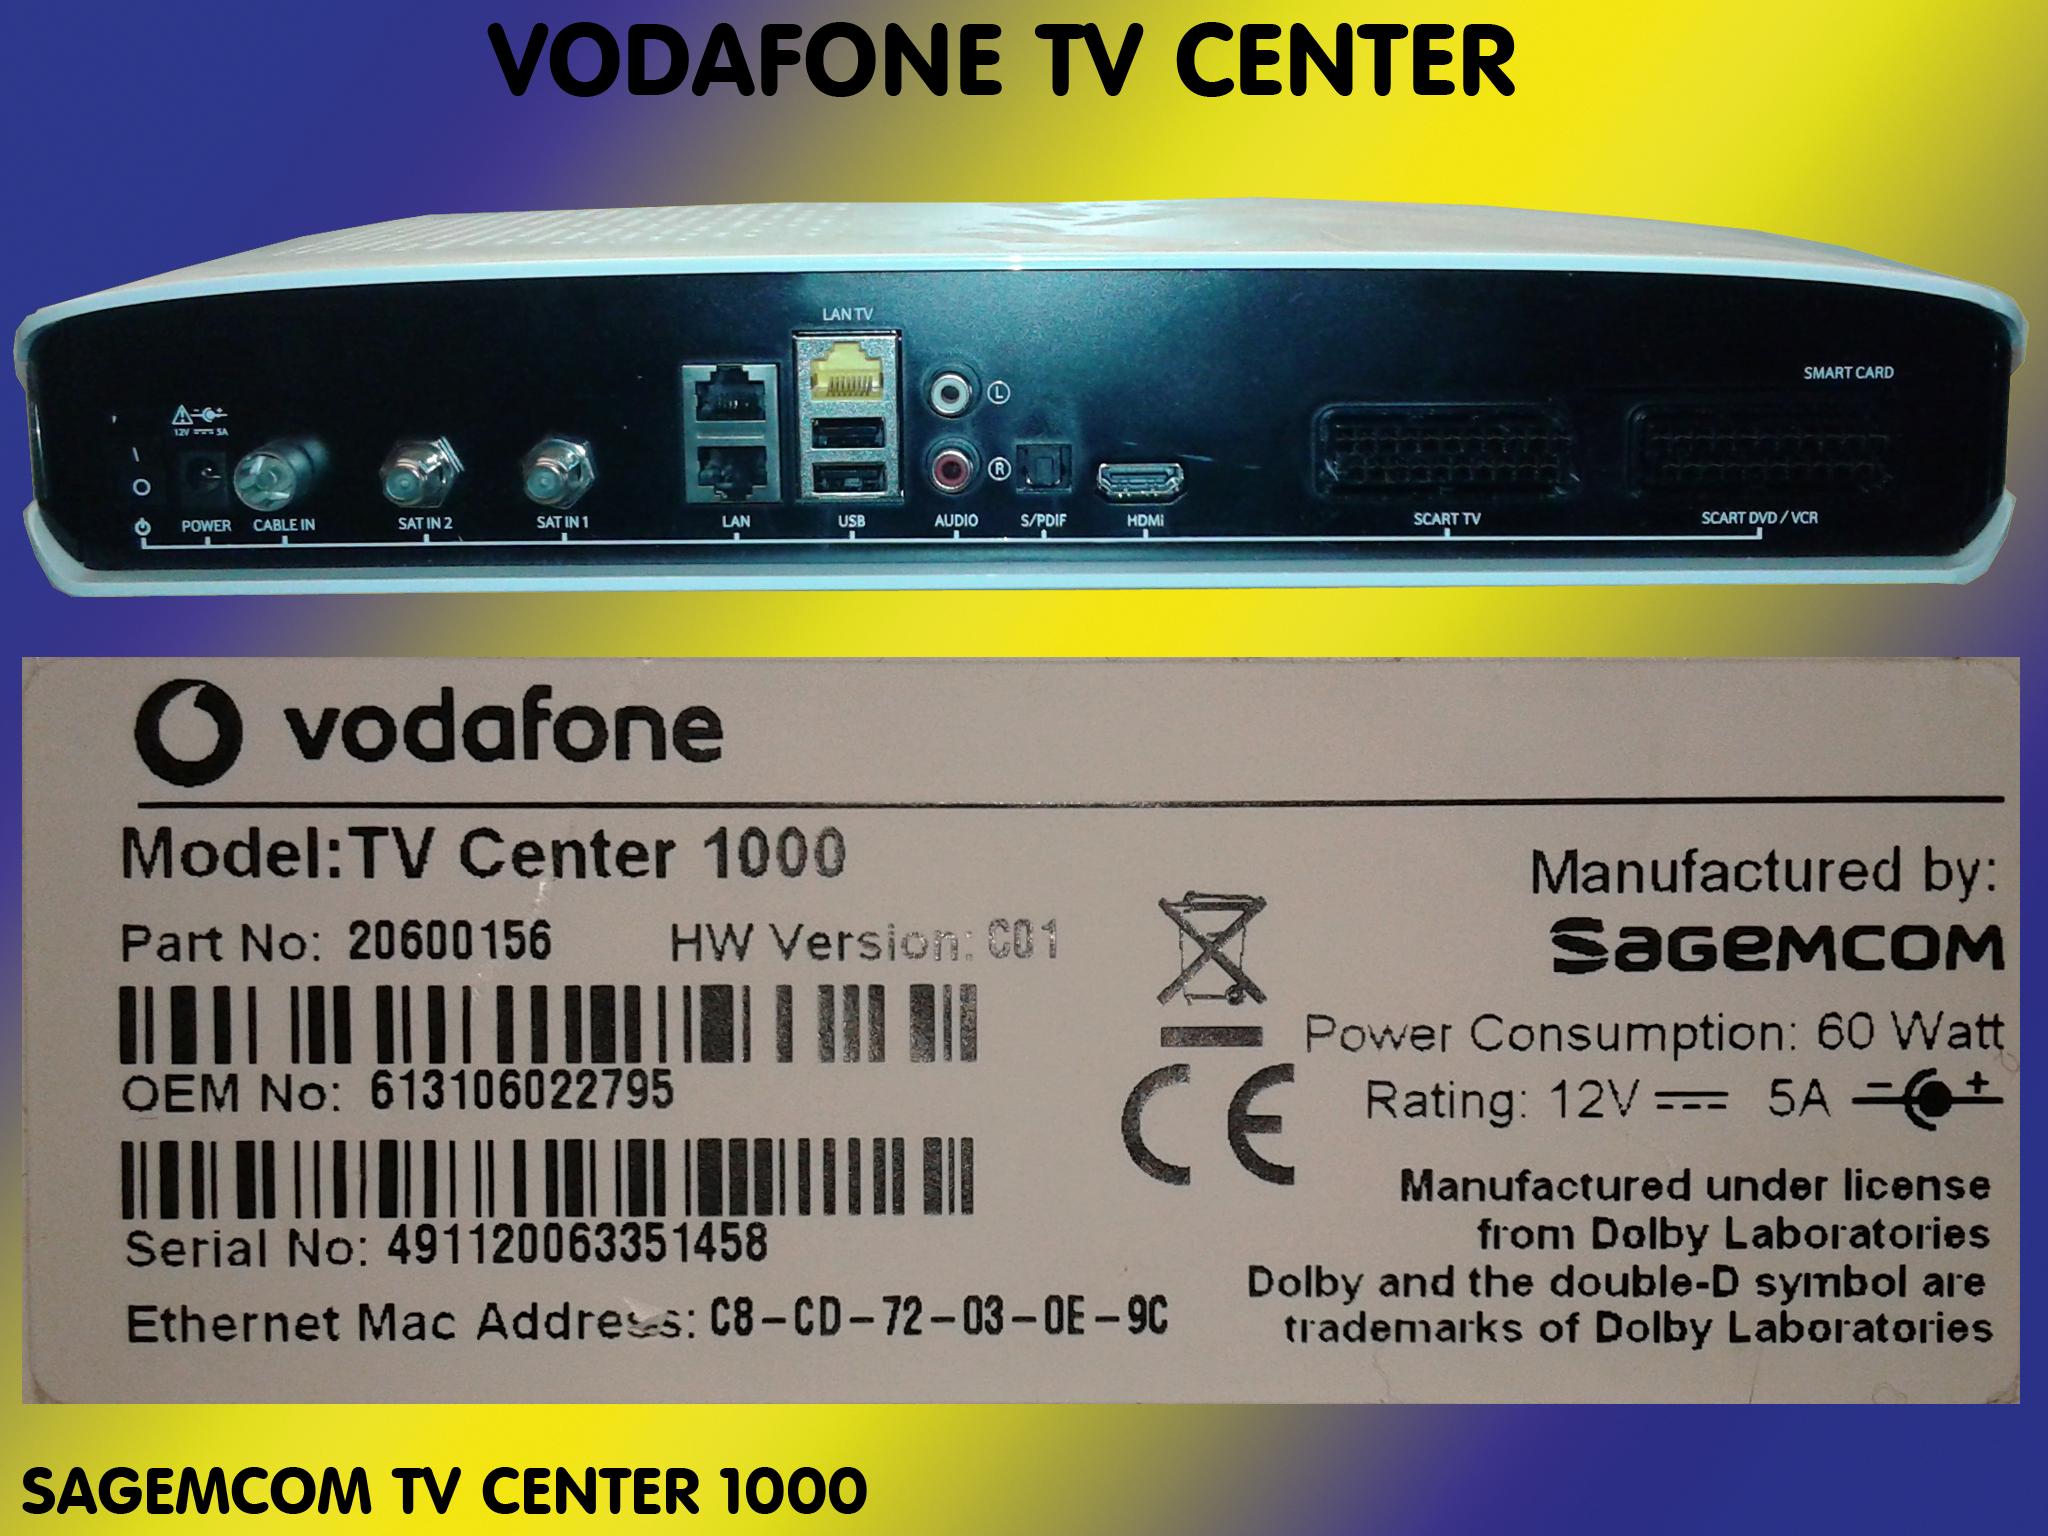 sagemcom digitaler hd video recorder vodafone tv center 1000 sat kabel receiver ebay. Black Bedroom Furniture Sets. Home Design Ideas